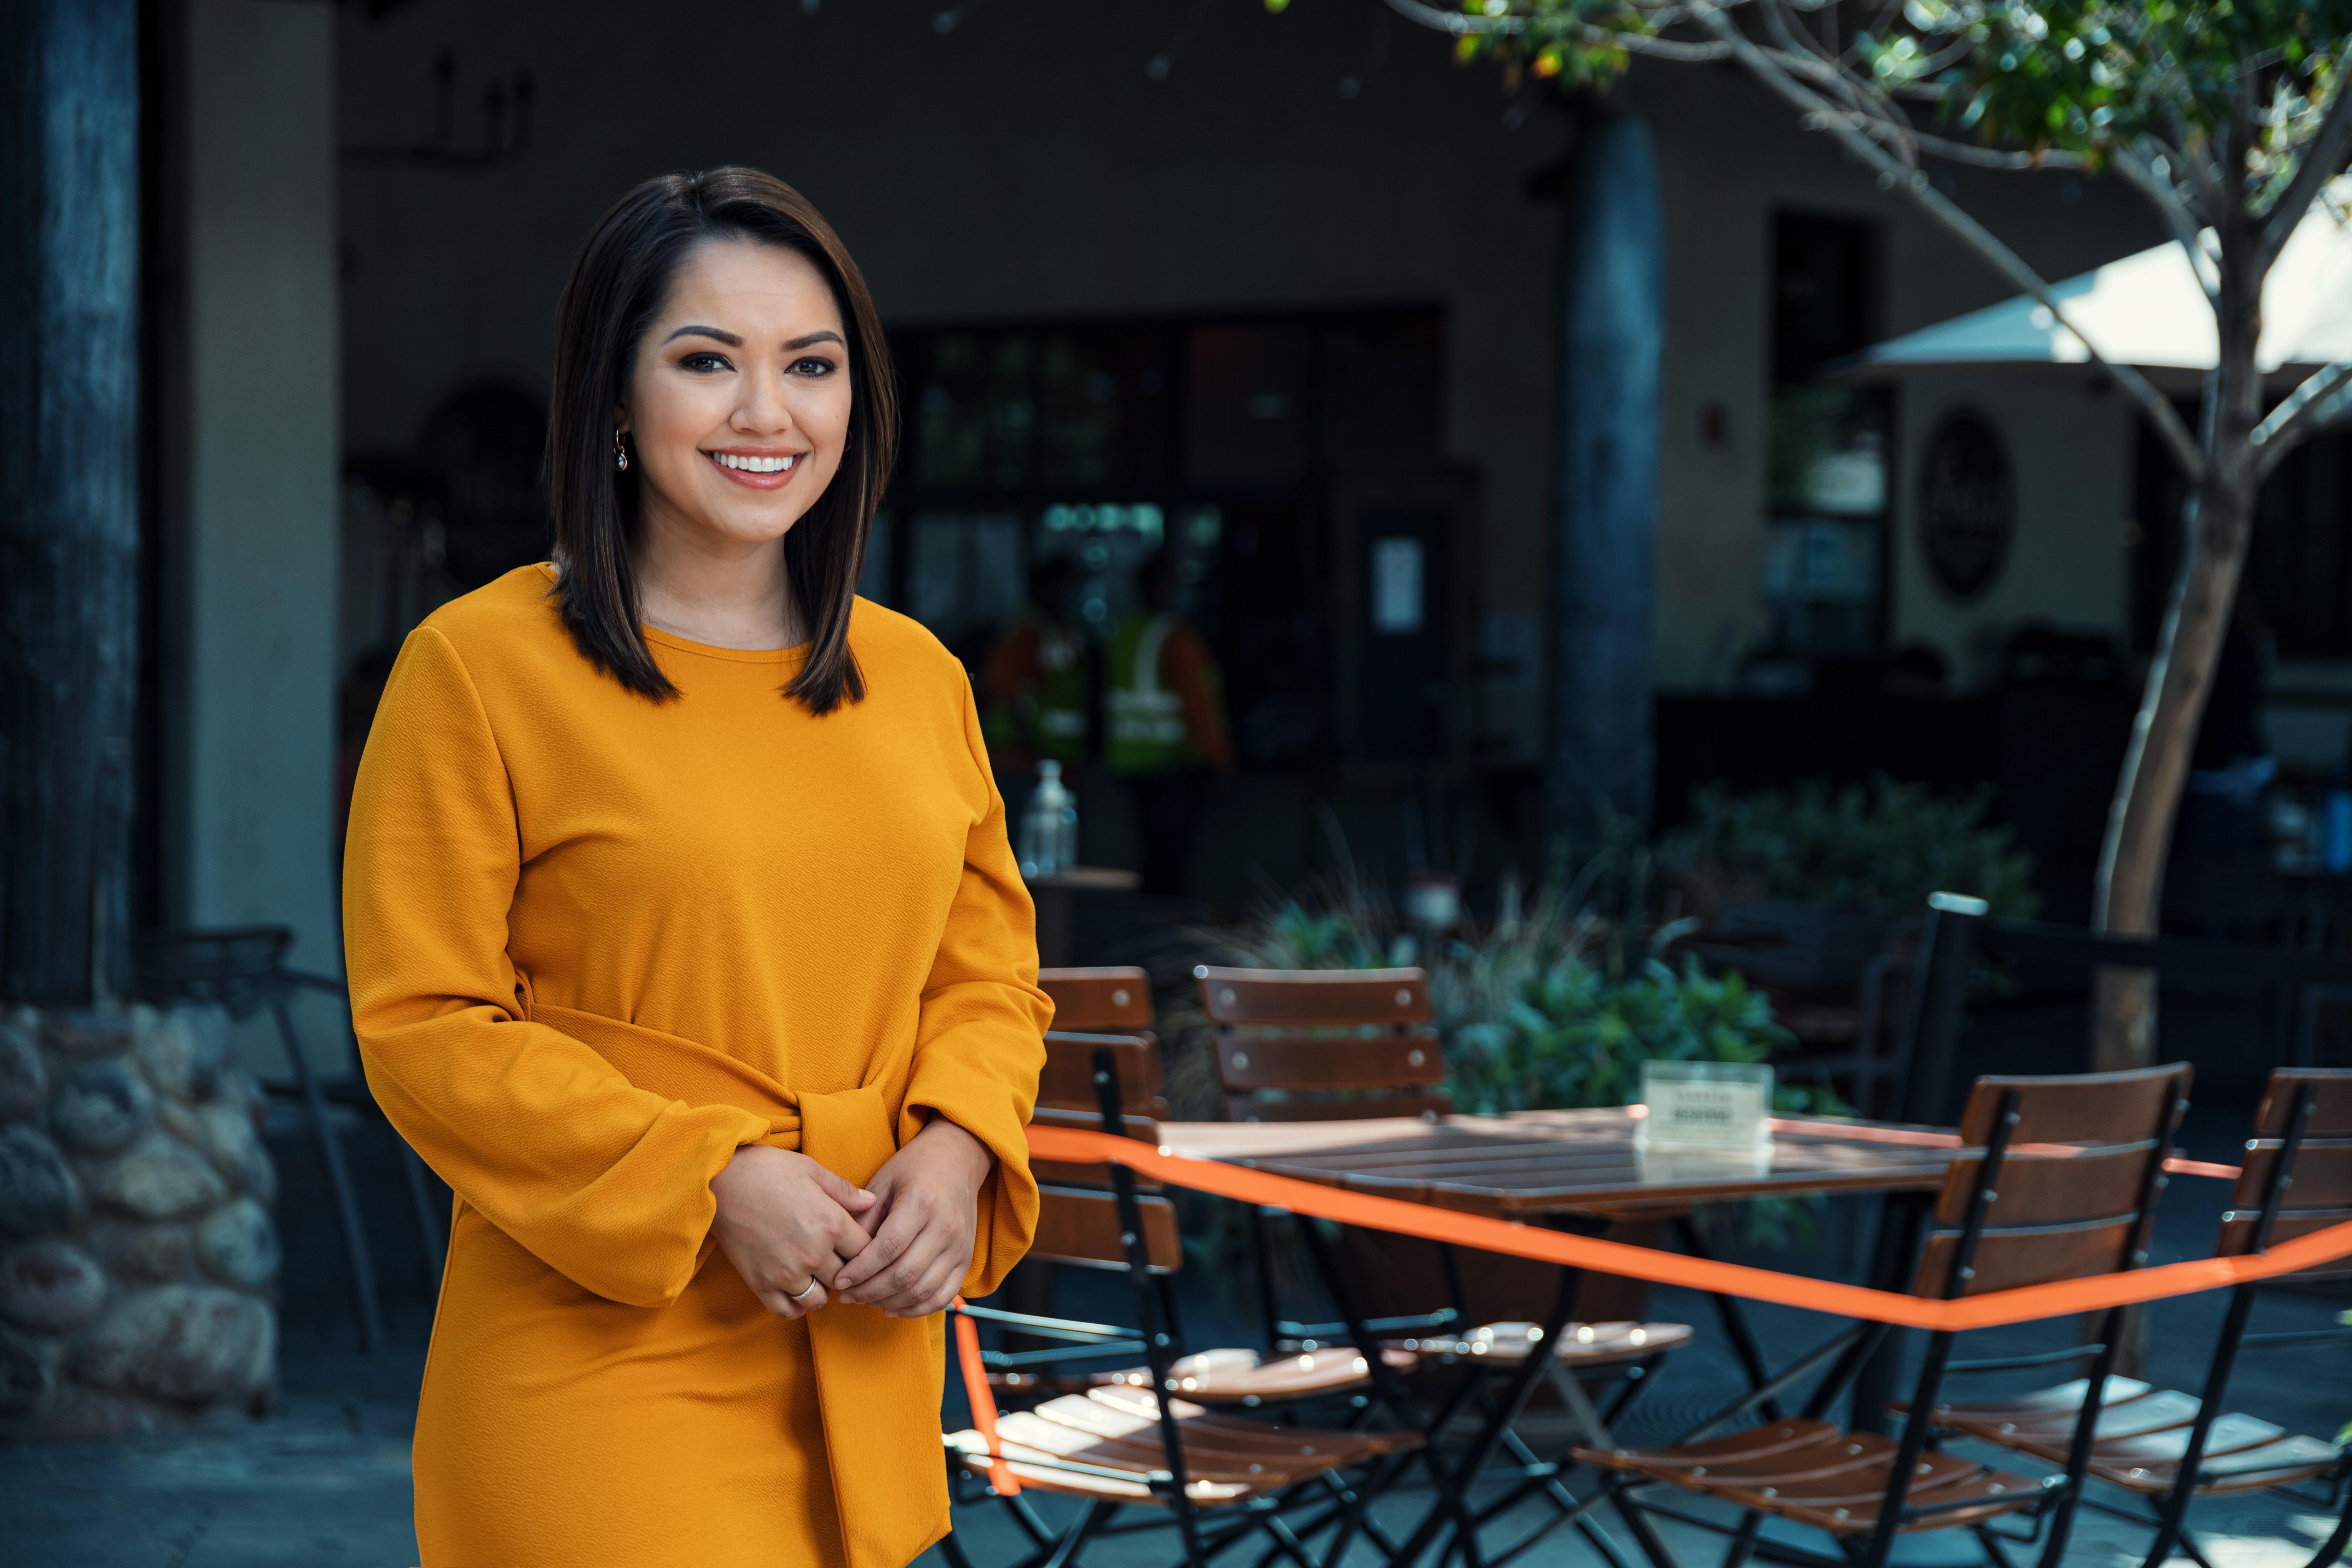 Angelica Carrillo